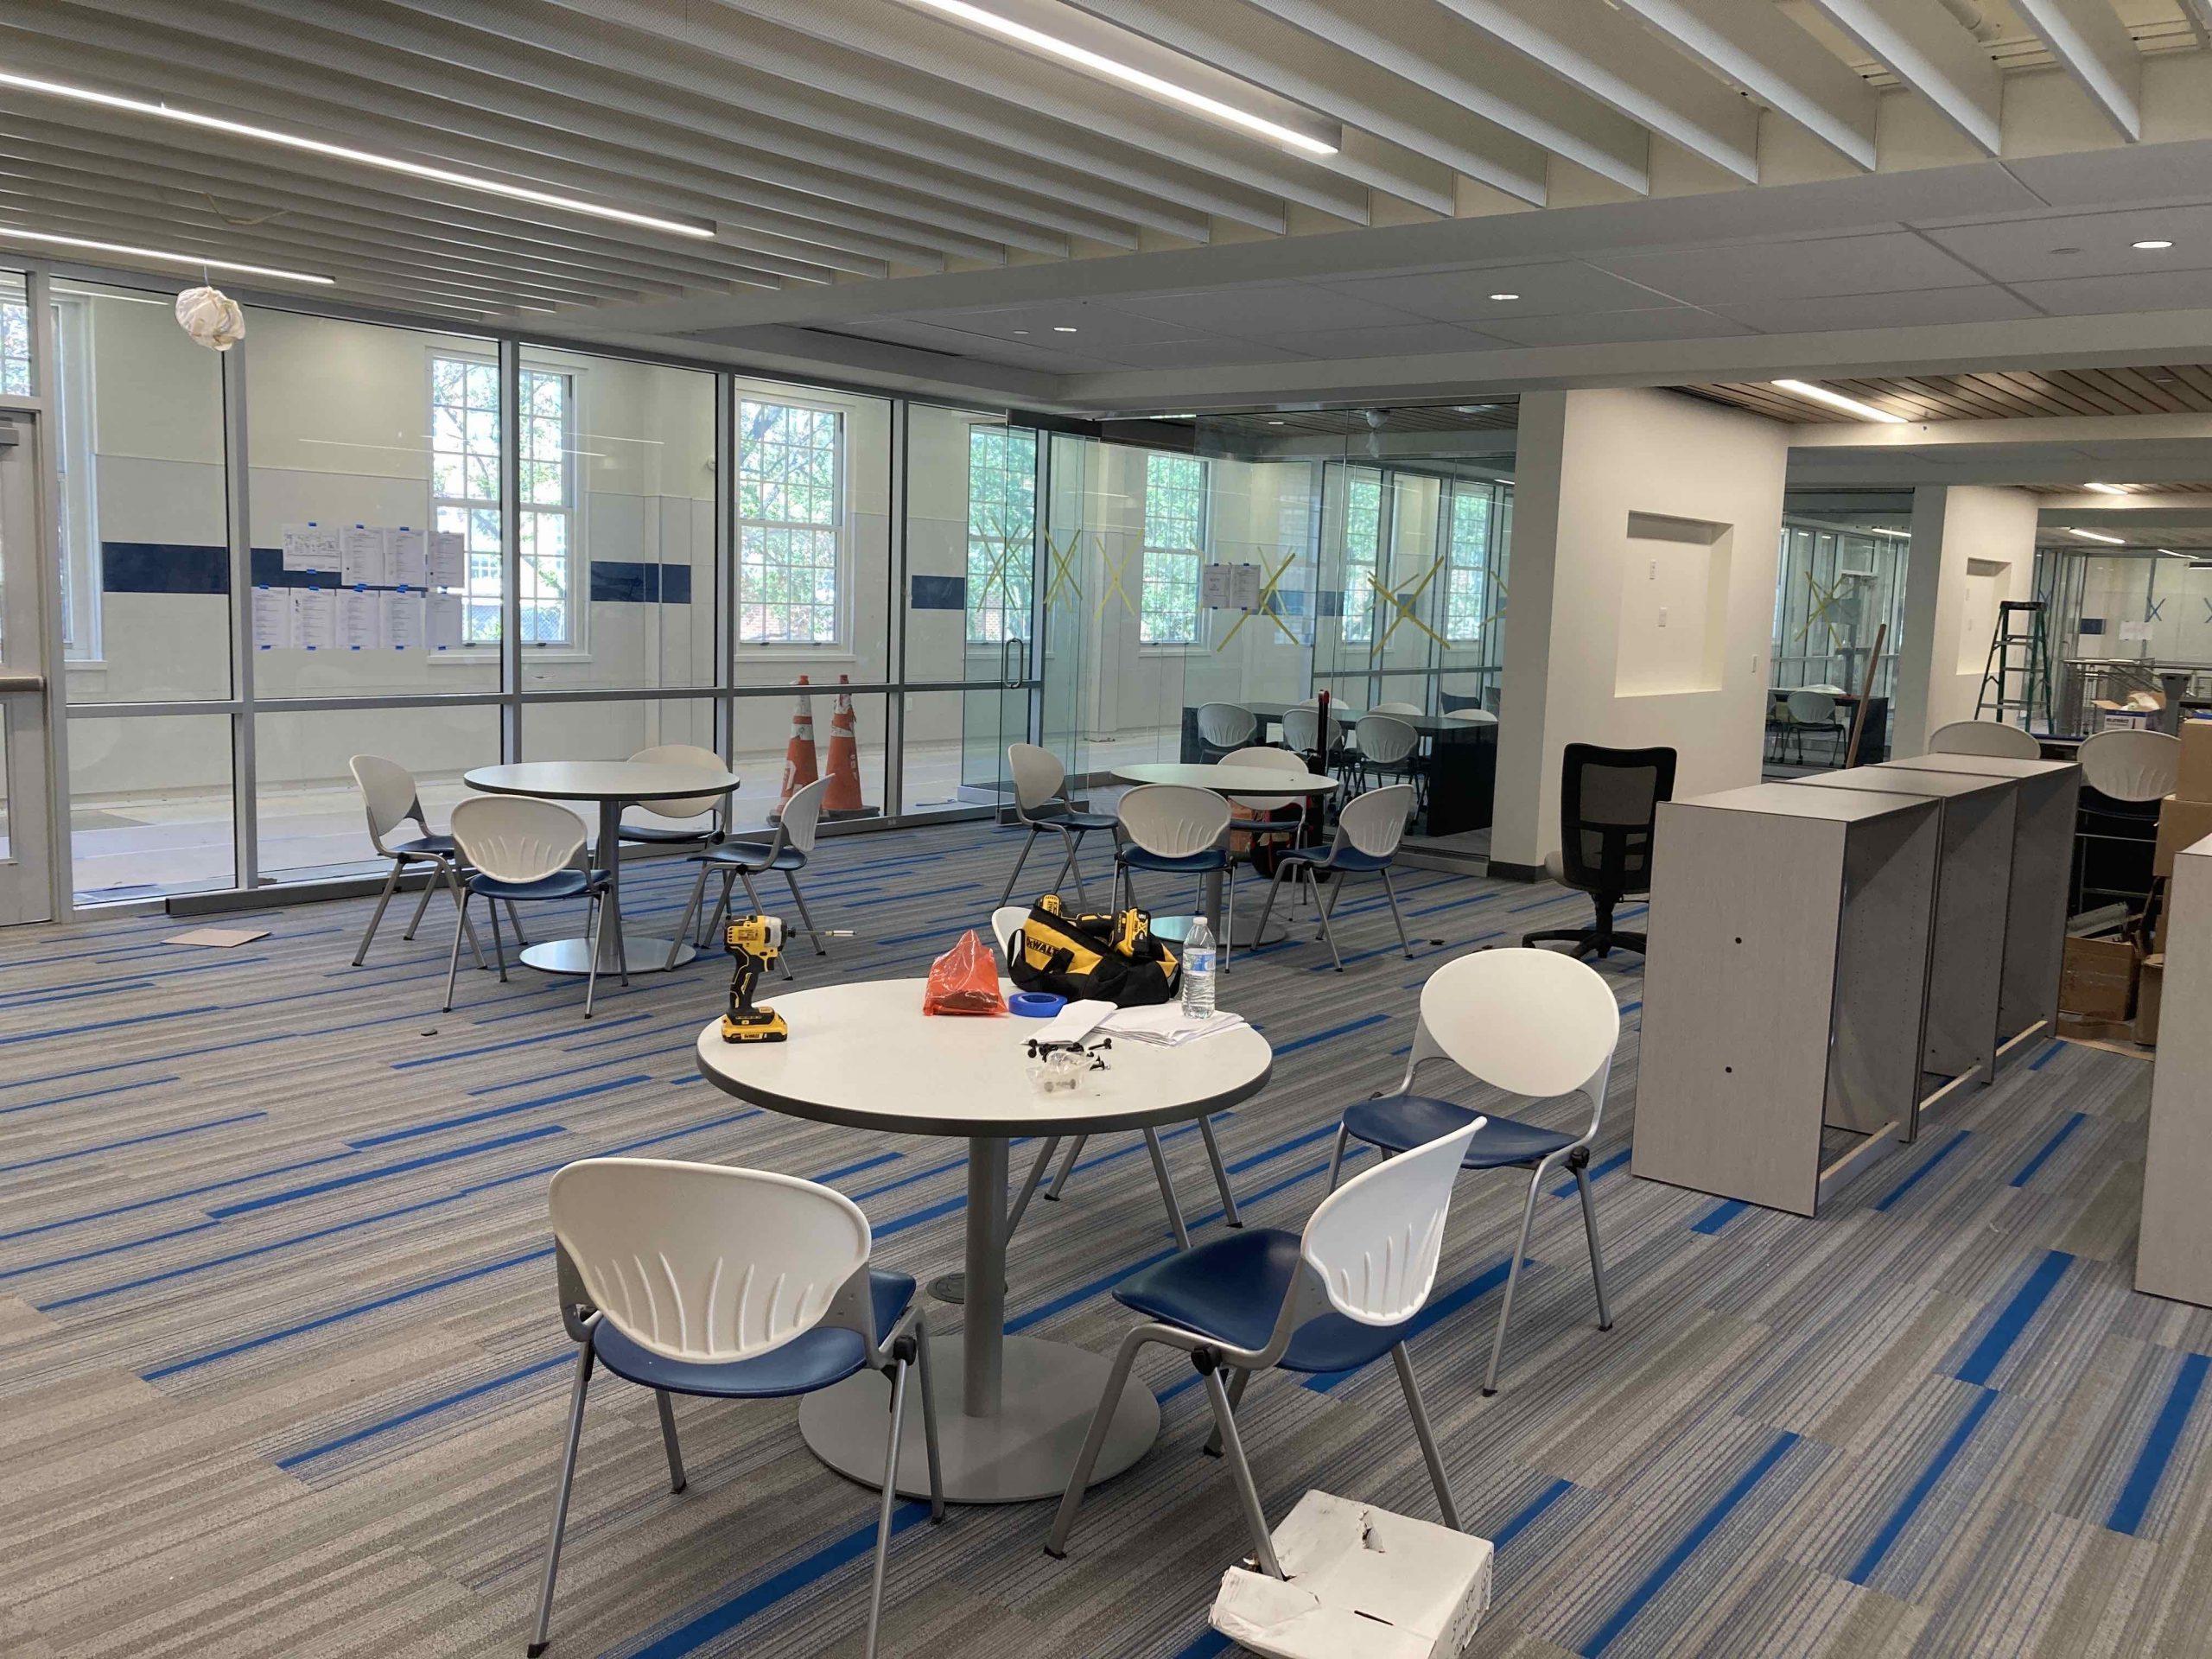 Media Center Has Furniture! image 1